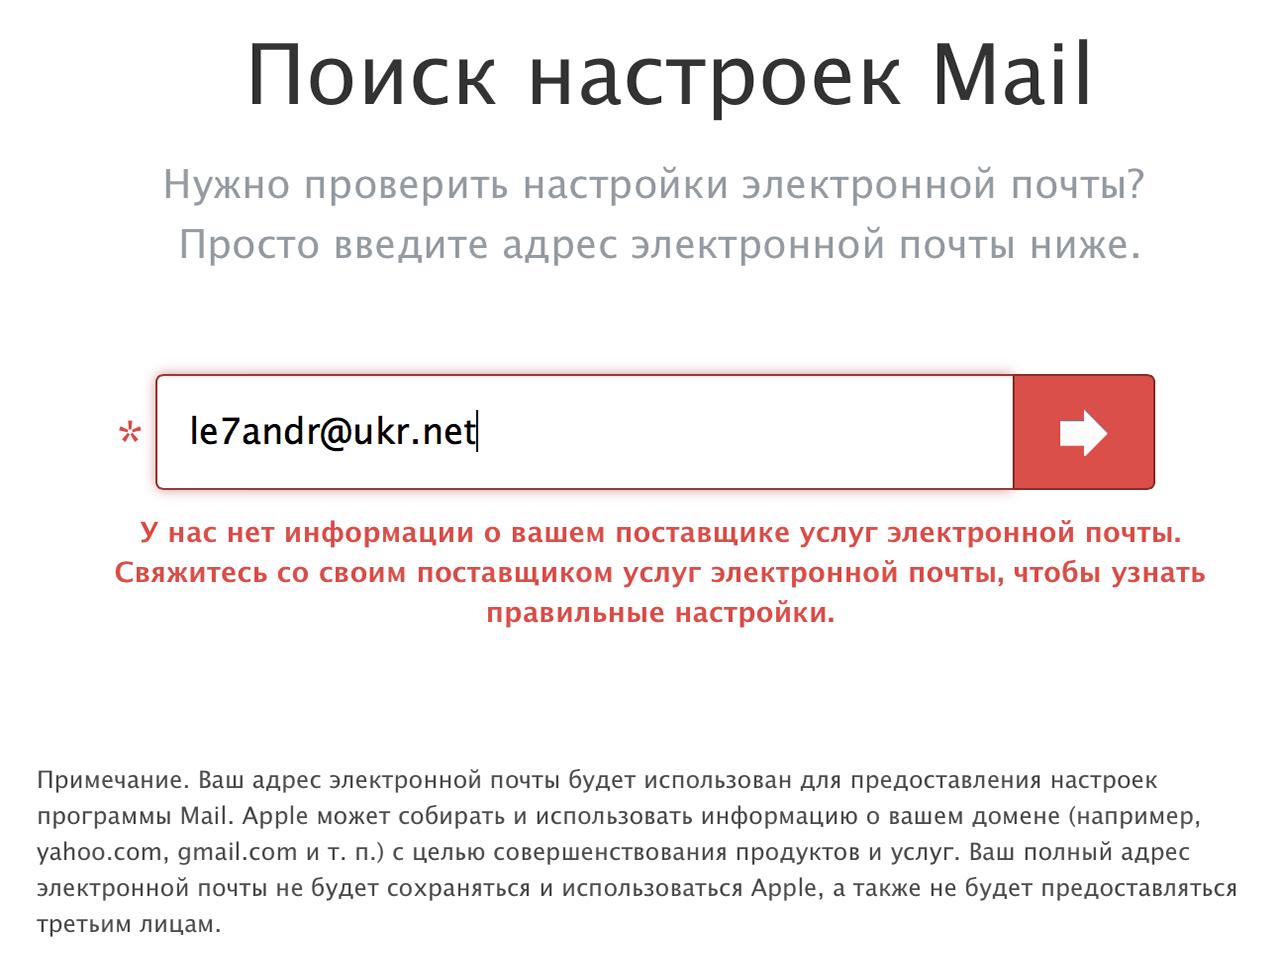 Не удалось получить настройки для ukr.net